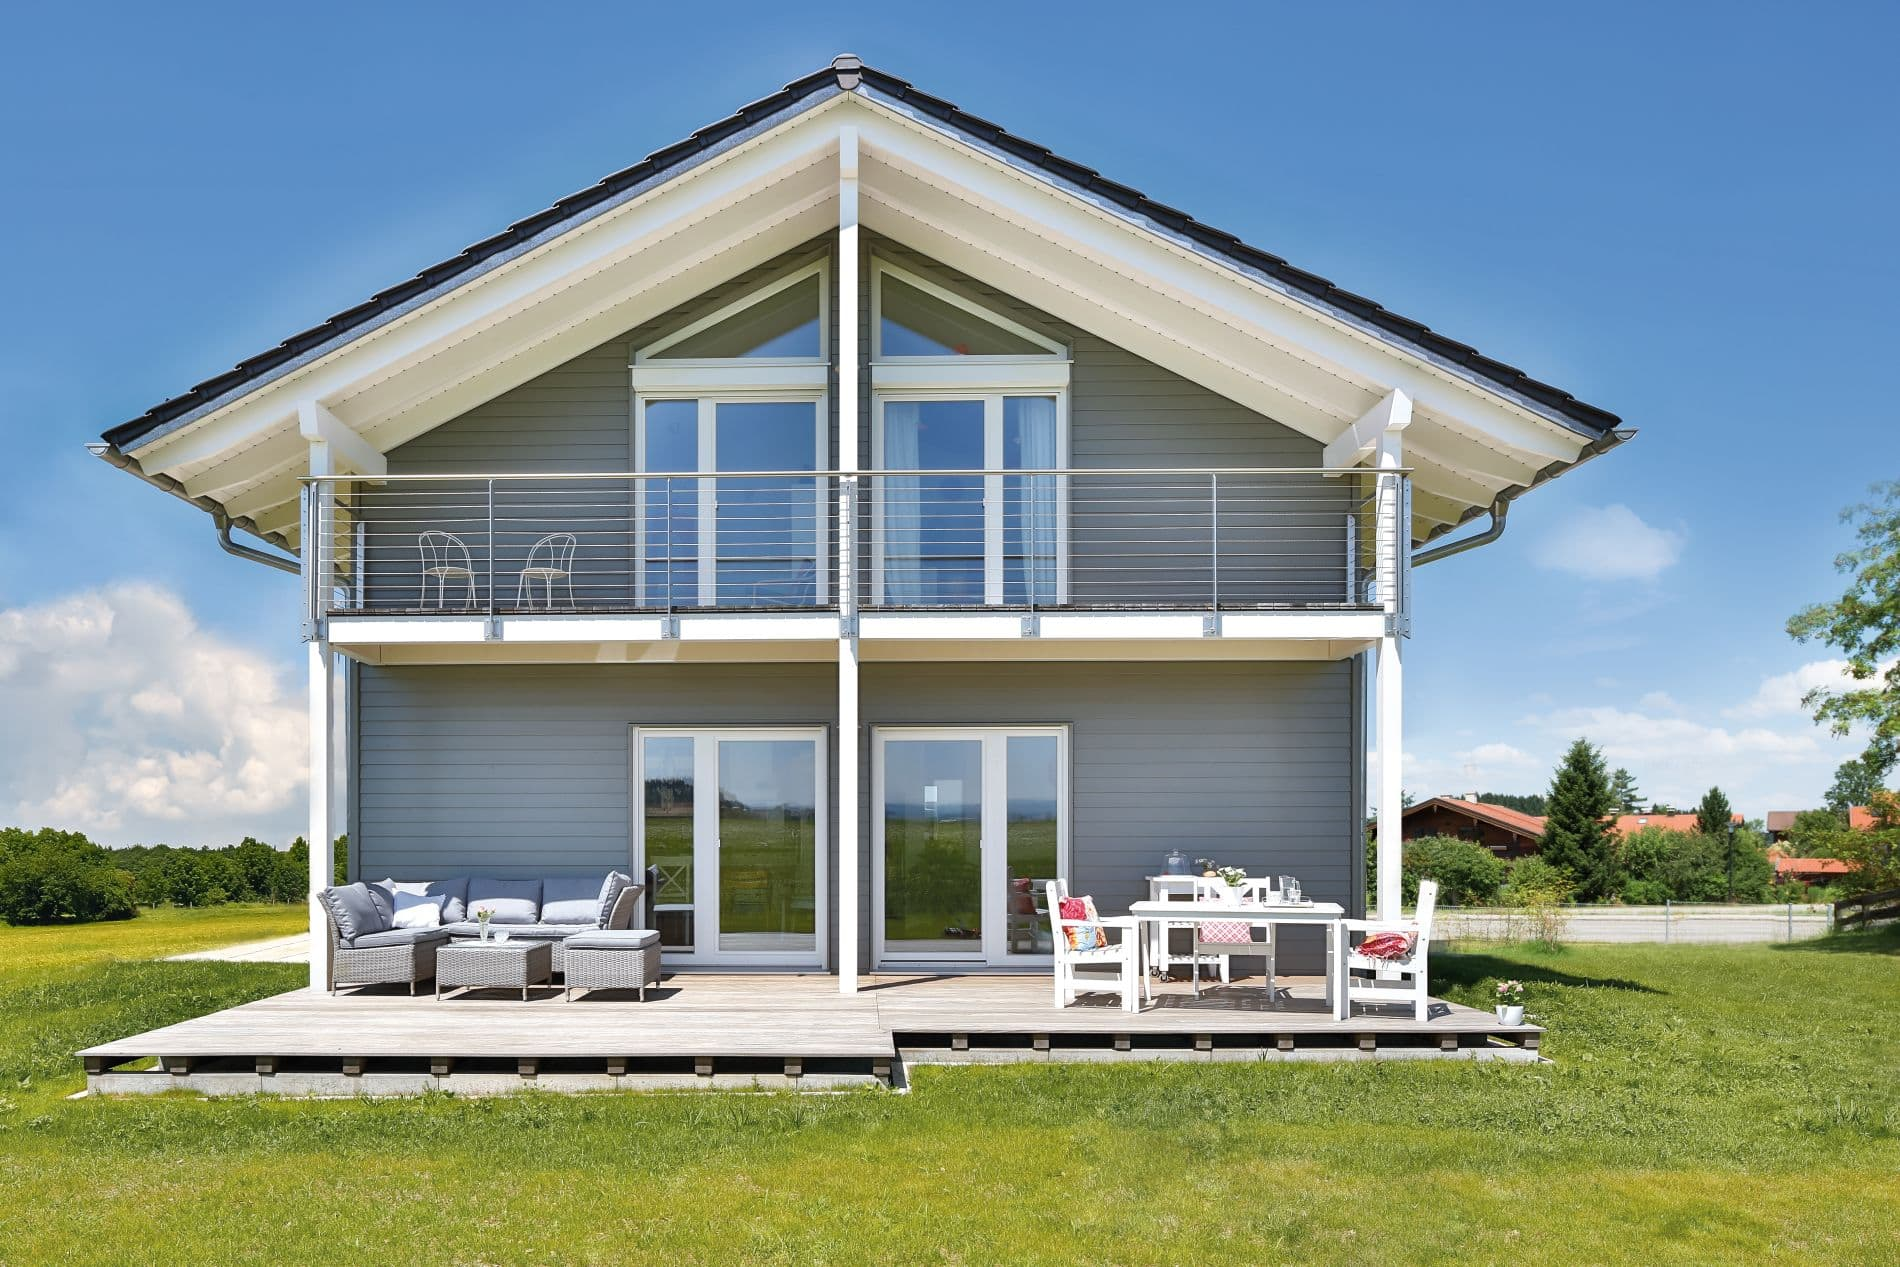 Dunkle Tonziegel, eine graue Schalung aus Holz, weiße Fenster. Dazu ein mit 26 Grad sanft geneigtes Satteldach, das als weit ausladendes Vordach ausläuft und an der Unterseite weiß angestrichen ist.